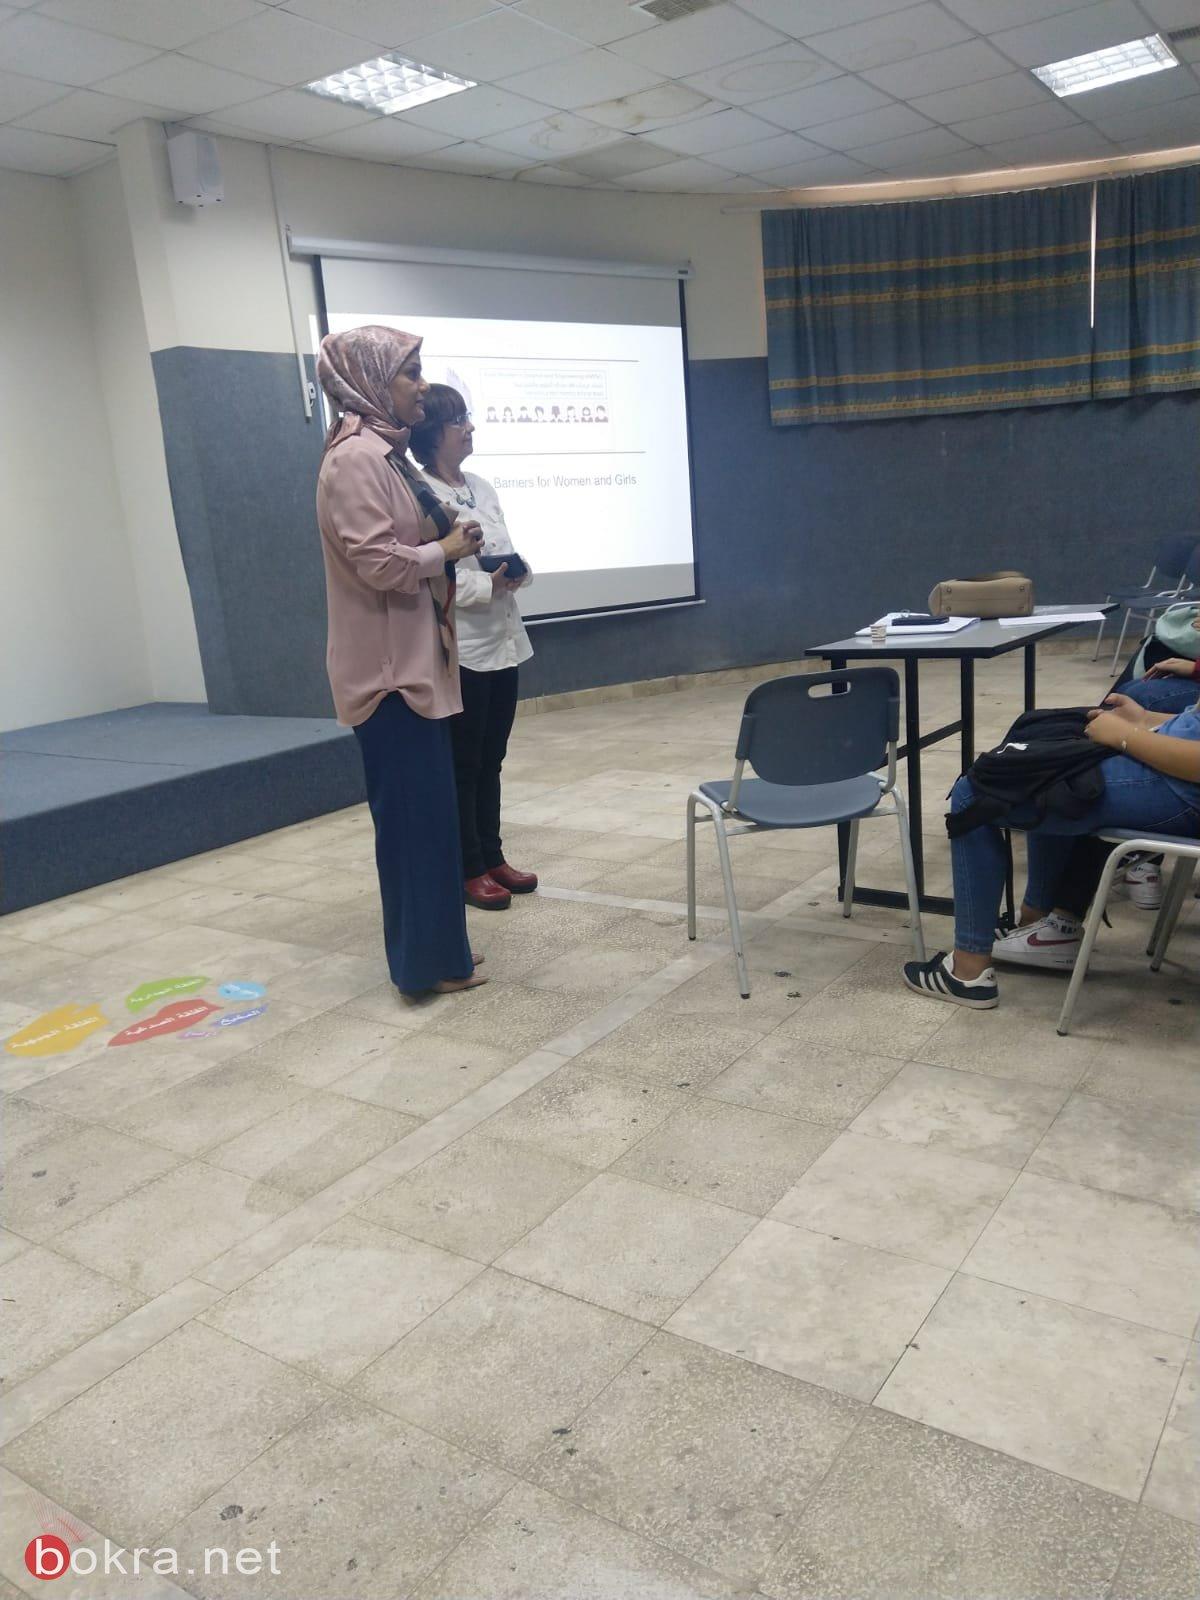 برنامج القياديات ينخرط بالمدارس الثانوية في سخنين